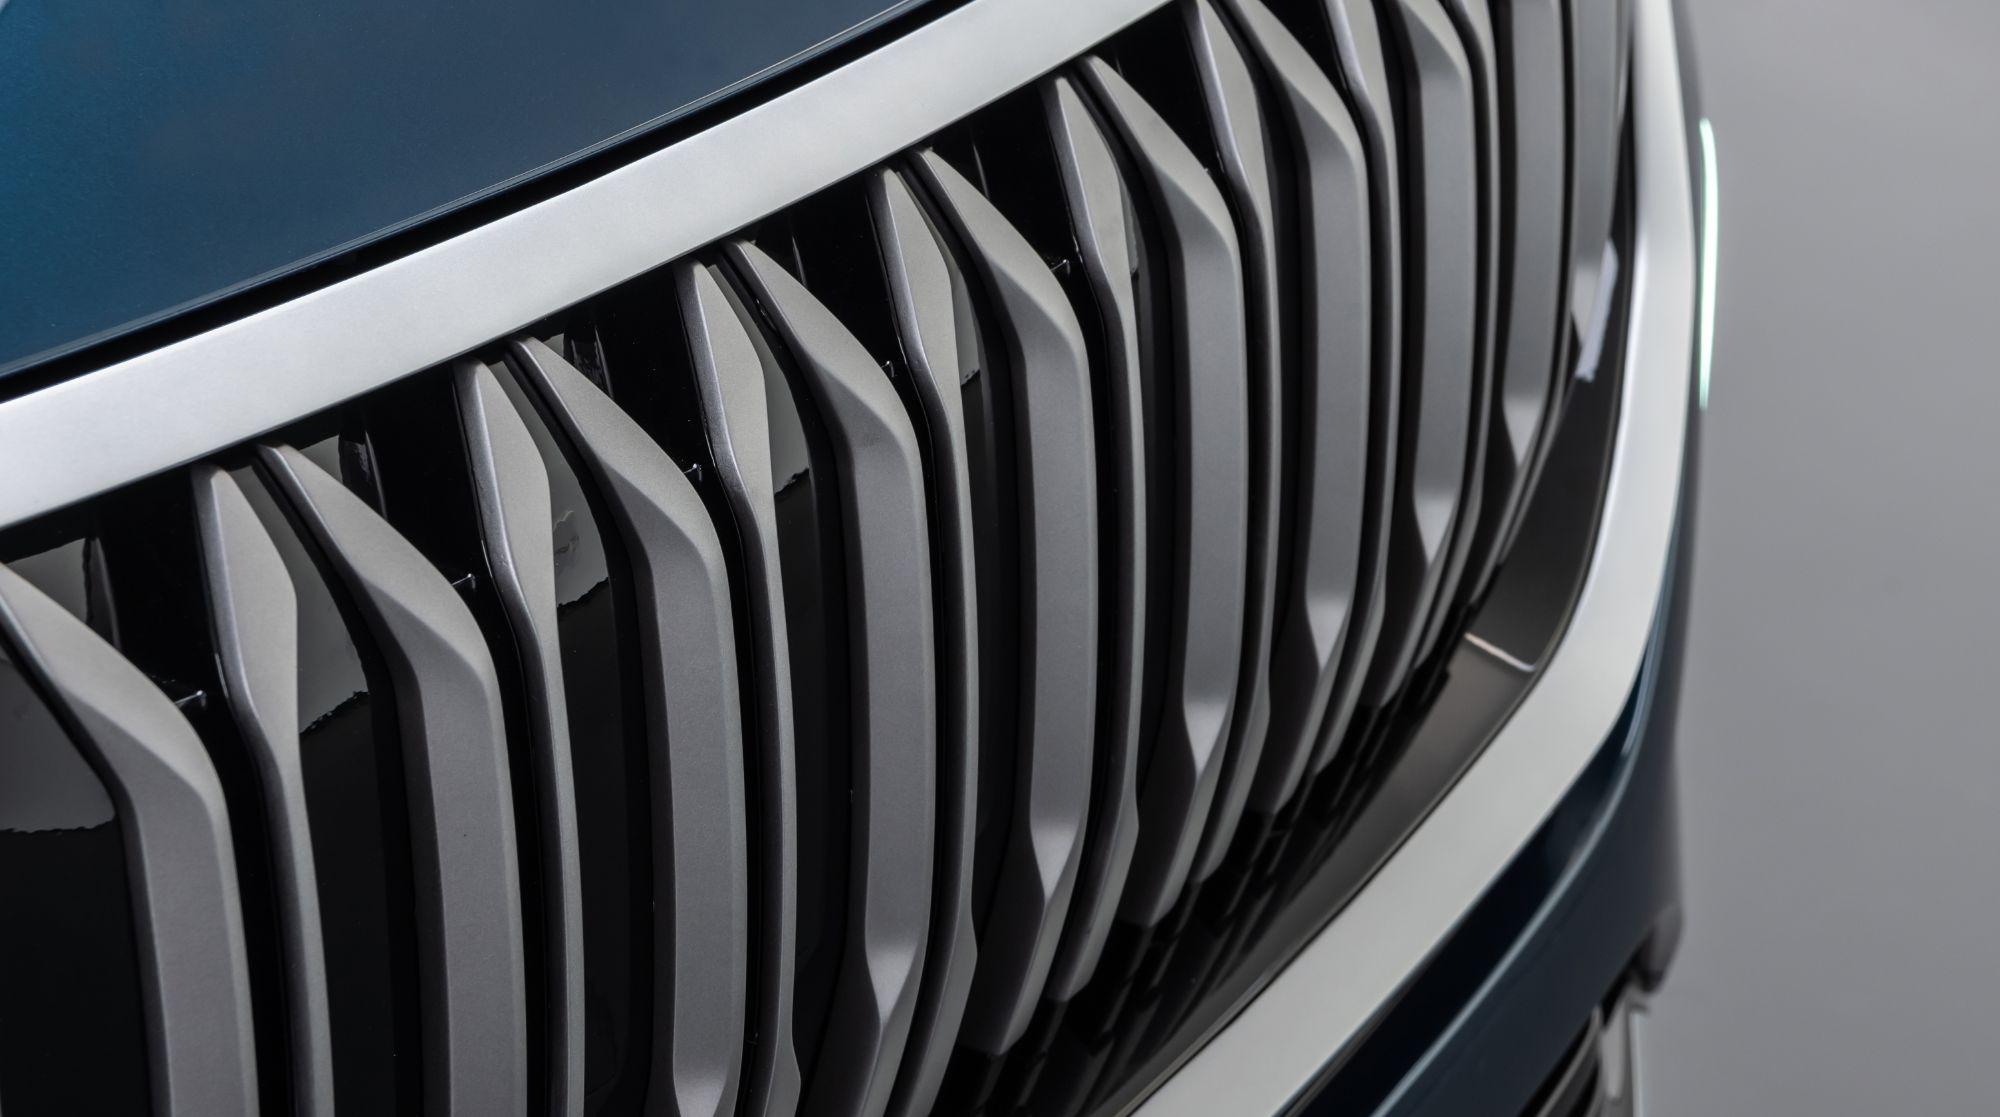 Kullanıcılar, yüksek enerjili Lityum-iyon pil teknolojisinin sunacağı 2 farklı menzil alternatifi arasından ihtiyaçlarına yönelik bir seçim yapabilecek. Türkiye'nin otomobili, 300+ km. veya 500+ km. menzil sağlayan 2 farklı pil seçeneği sunacak ve kullanıcıların kendileri için en uygun olanı tercih ederek otomobillerini konfigüre etmesine olanak tanıyacak.